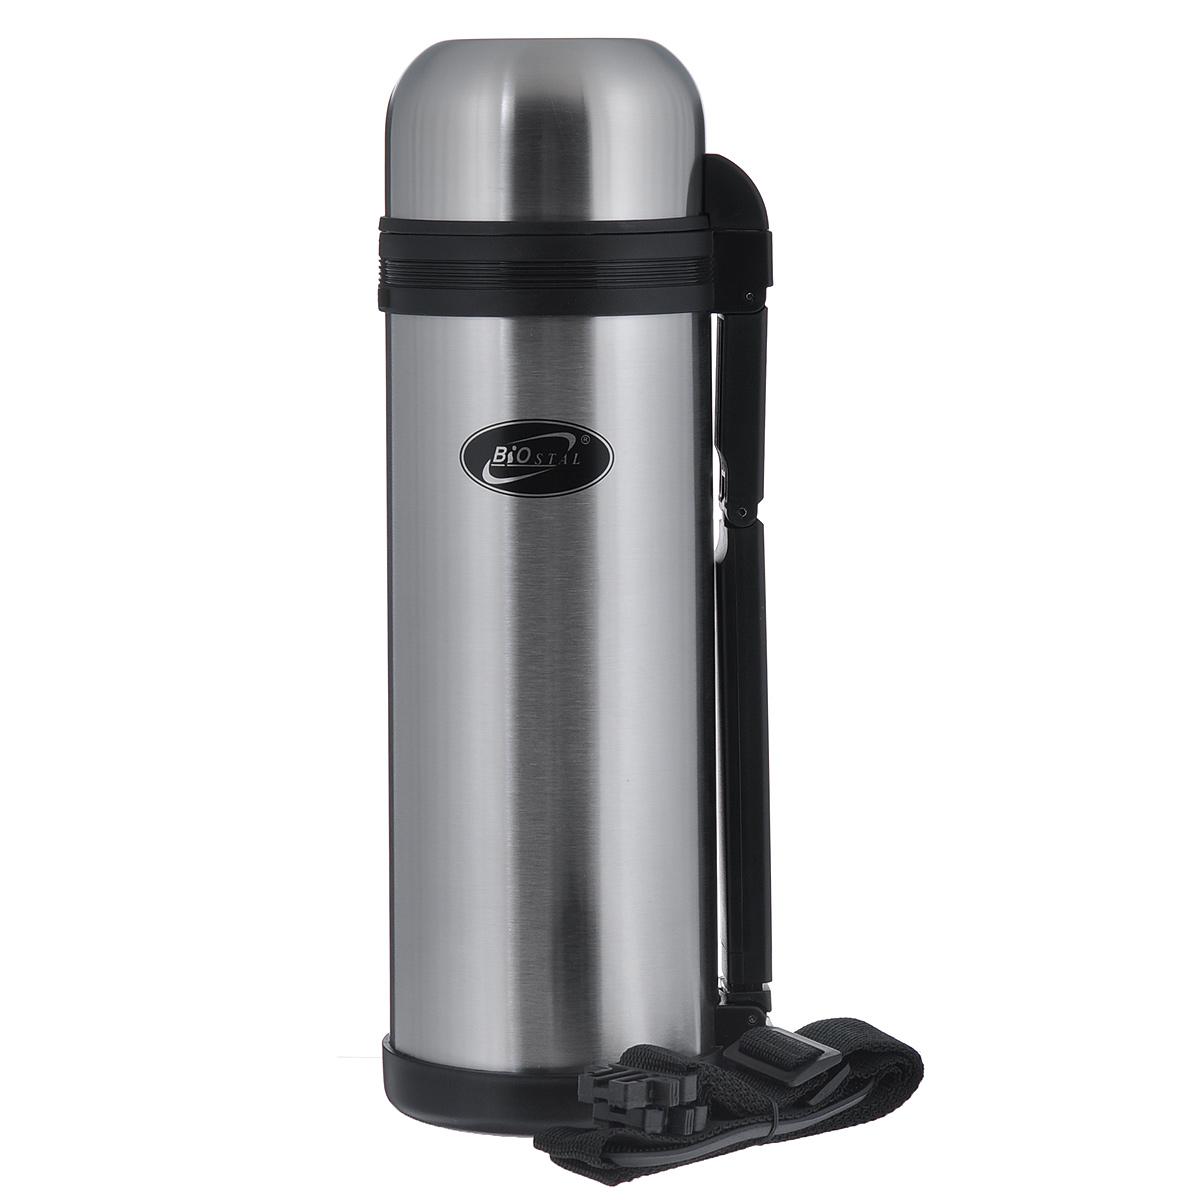 Термос Biostal, 1,8 л. NG-1800-1115510Универсальный пищевой термос Biostal относится к классической серии. Термосы этой серии, являющейся лидером продаж, просты в использовании, экономичны и многофункциональны. Универсальный термос выполняет функции термоса для еды (первого или второго) и термоса для напитков (кофе, чая). Это достигается благодаря специальной универсальной пробке, которая изготовлена из прочного пластика, легко разбирается для мытья и, обладая дополнительной теплоизоляцией, позволяет термосу дольше хранить тепло. Термос выполнен из нержавеющей стали. Он оснащен удобной ручкой и ремешком для переноски. Крышку можно использовать в качестве чашки. Дополнительная пластиковая чашка в комплекте.